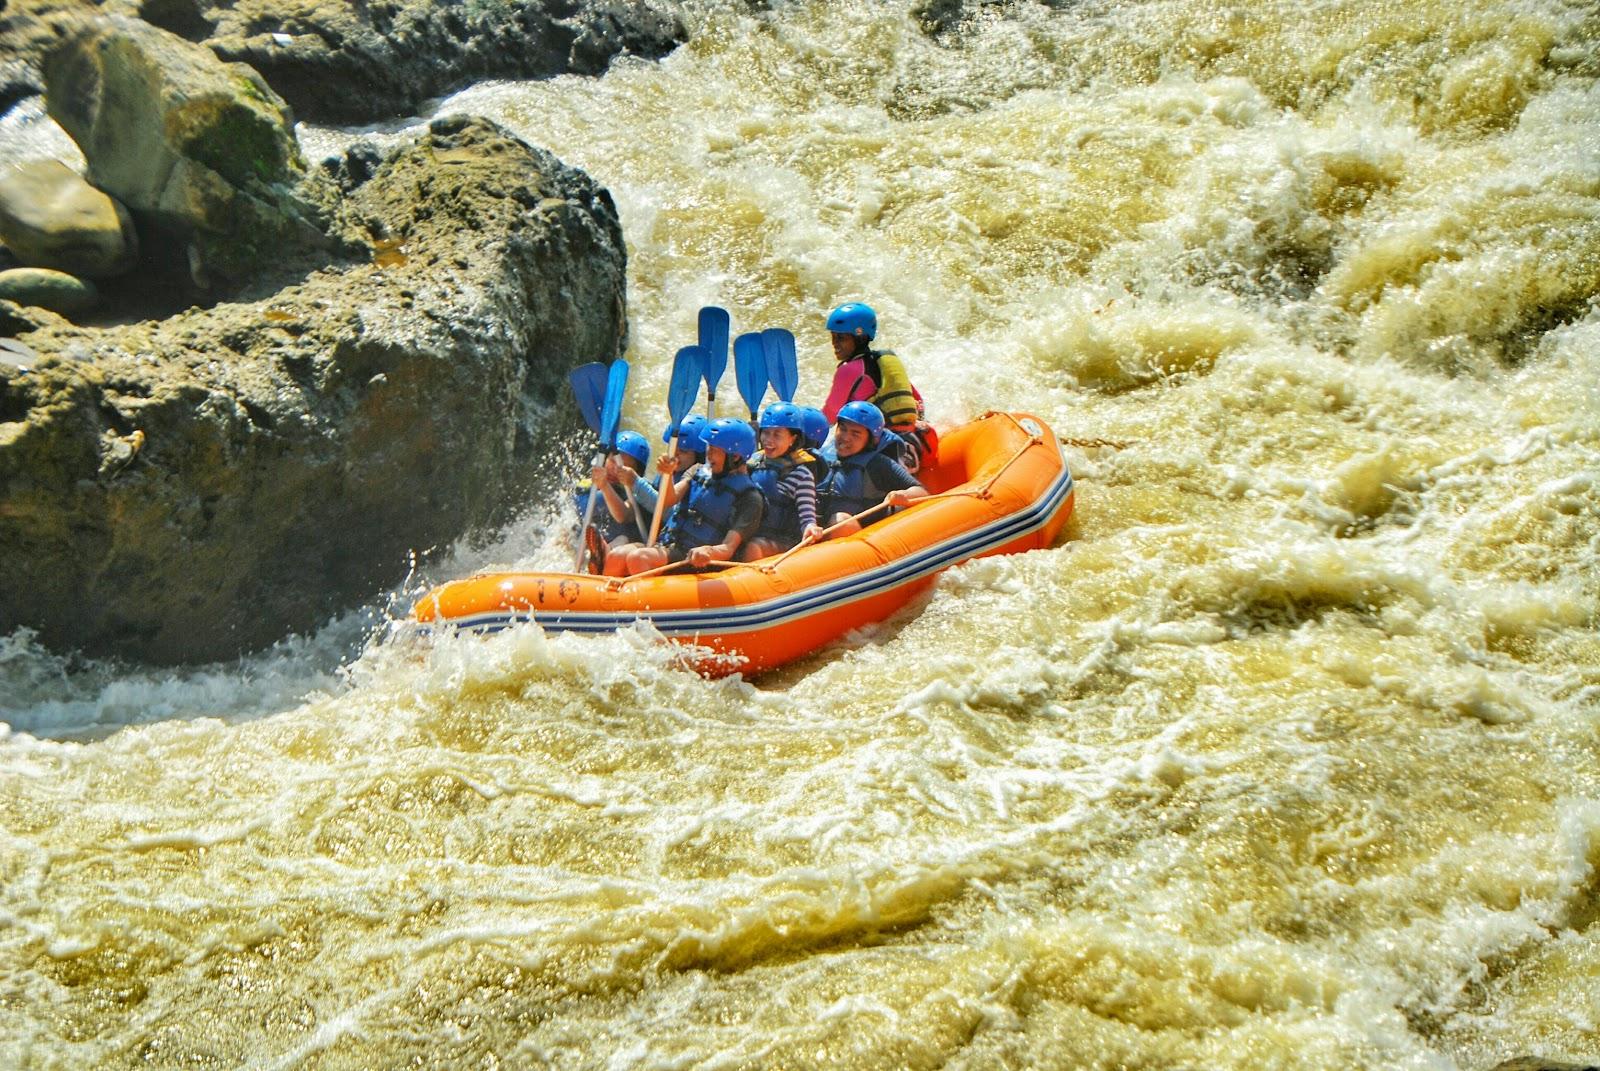 Paket Rafting Serayu Losmen Budjono Dieng Dokumentasi Arum Jeram Sungai